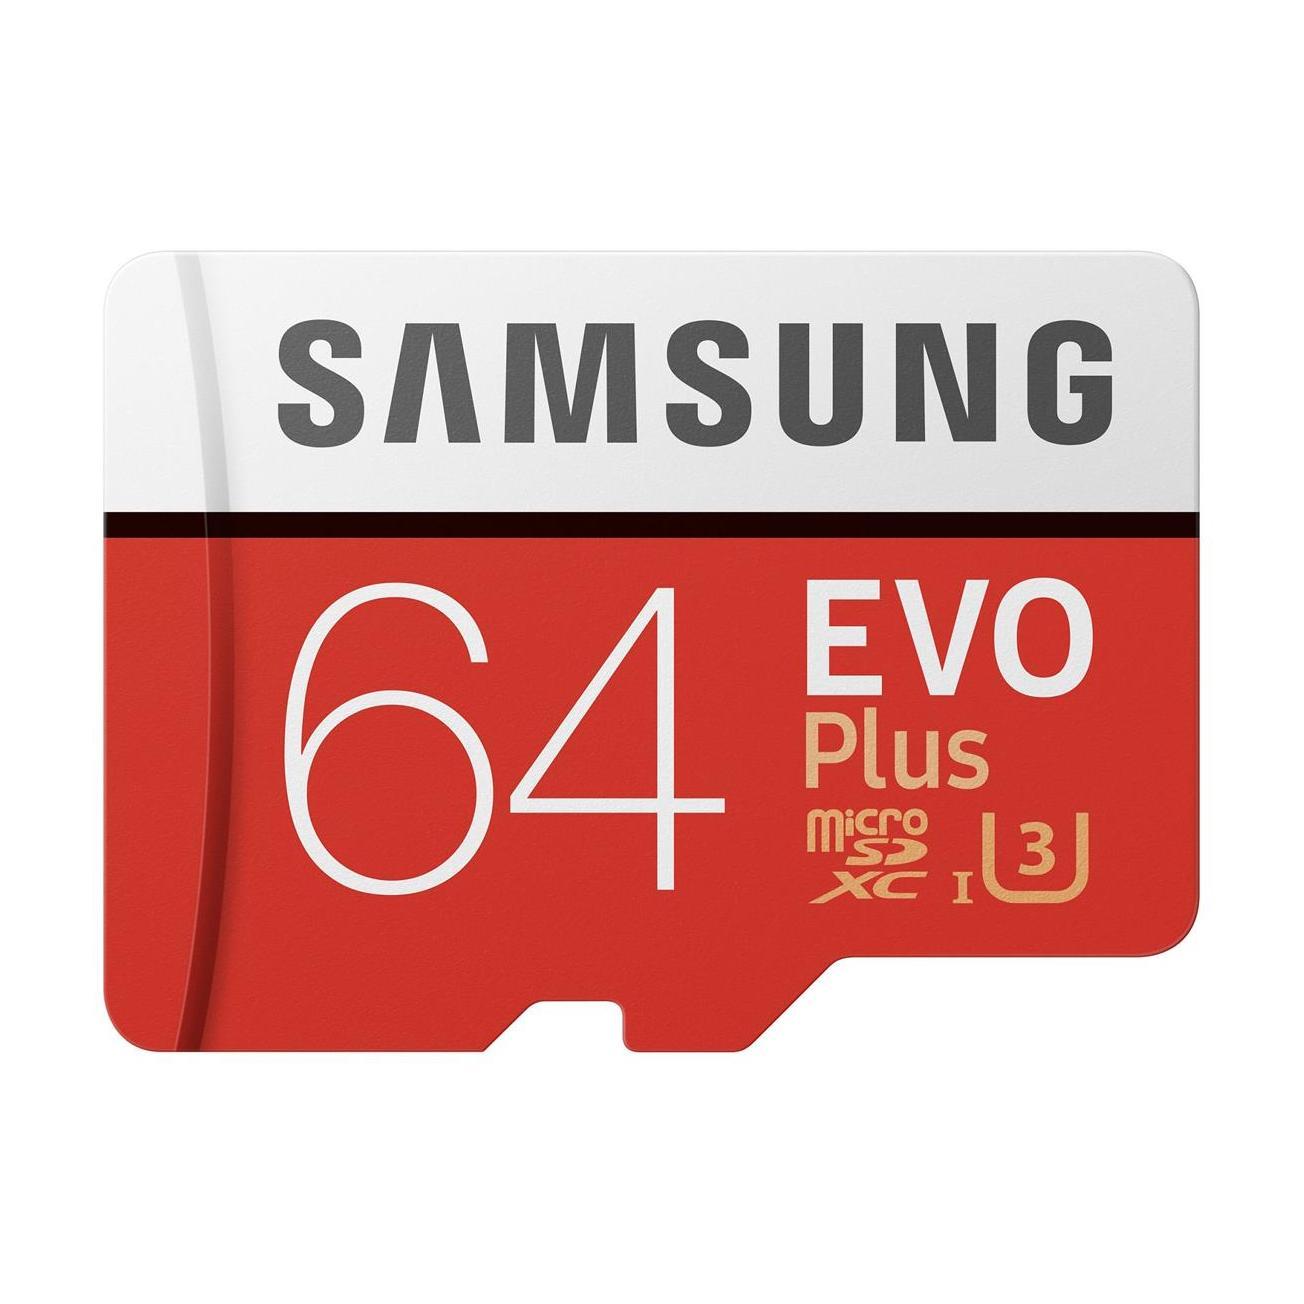 Evo Plus 64GB microSDXC Minneskort Class 10 U1